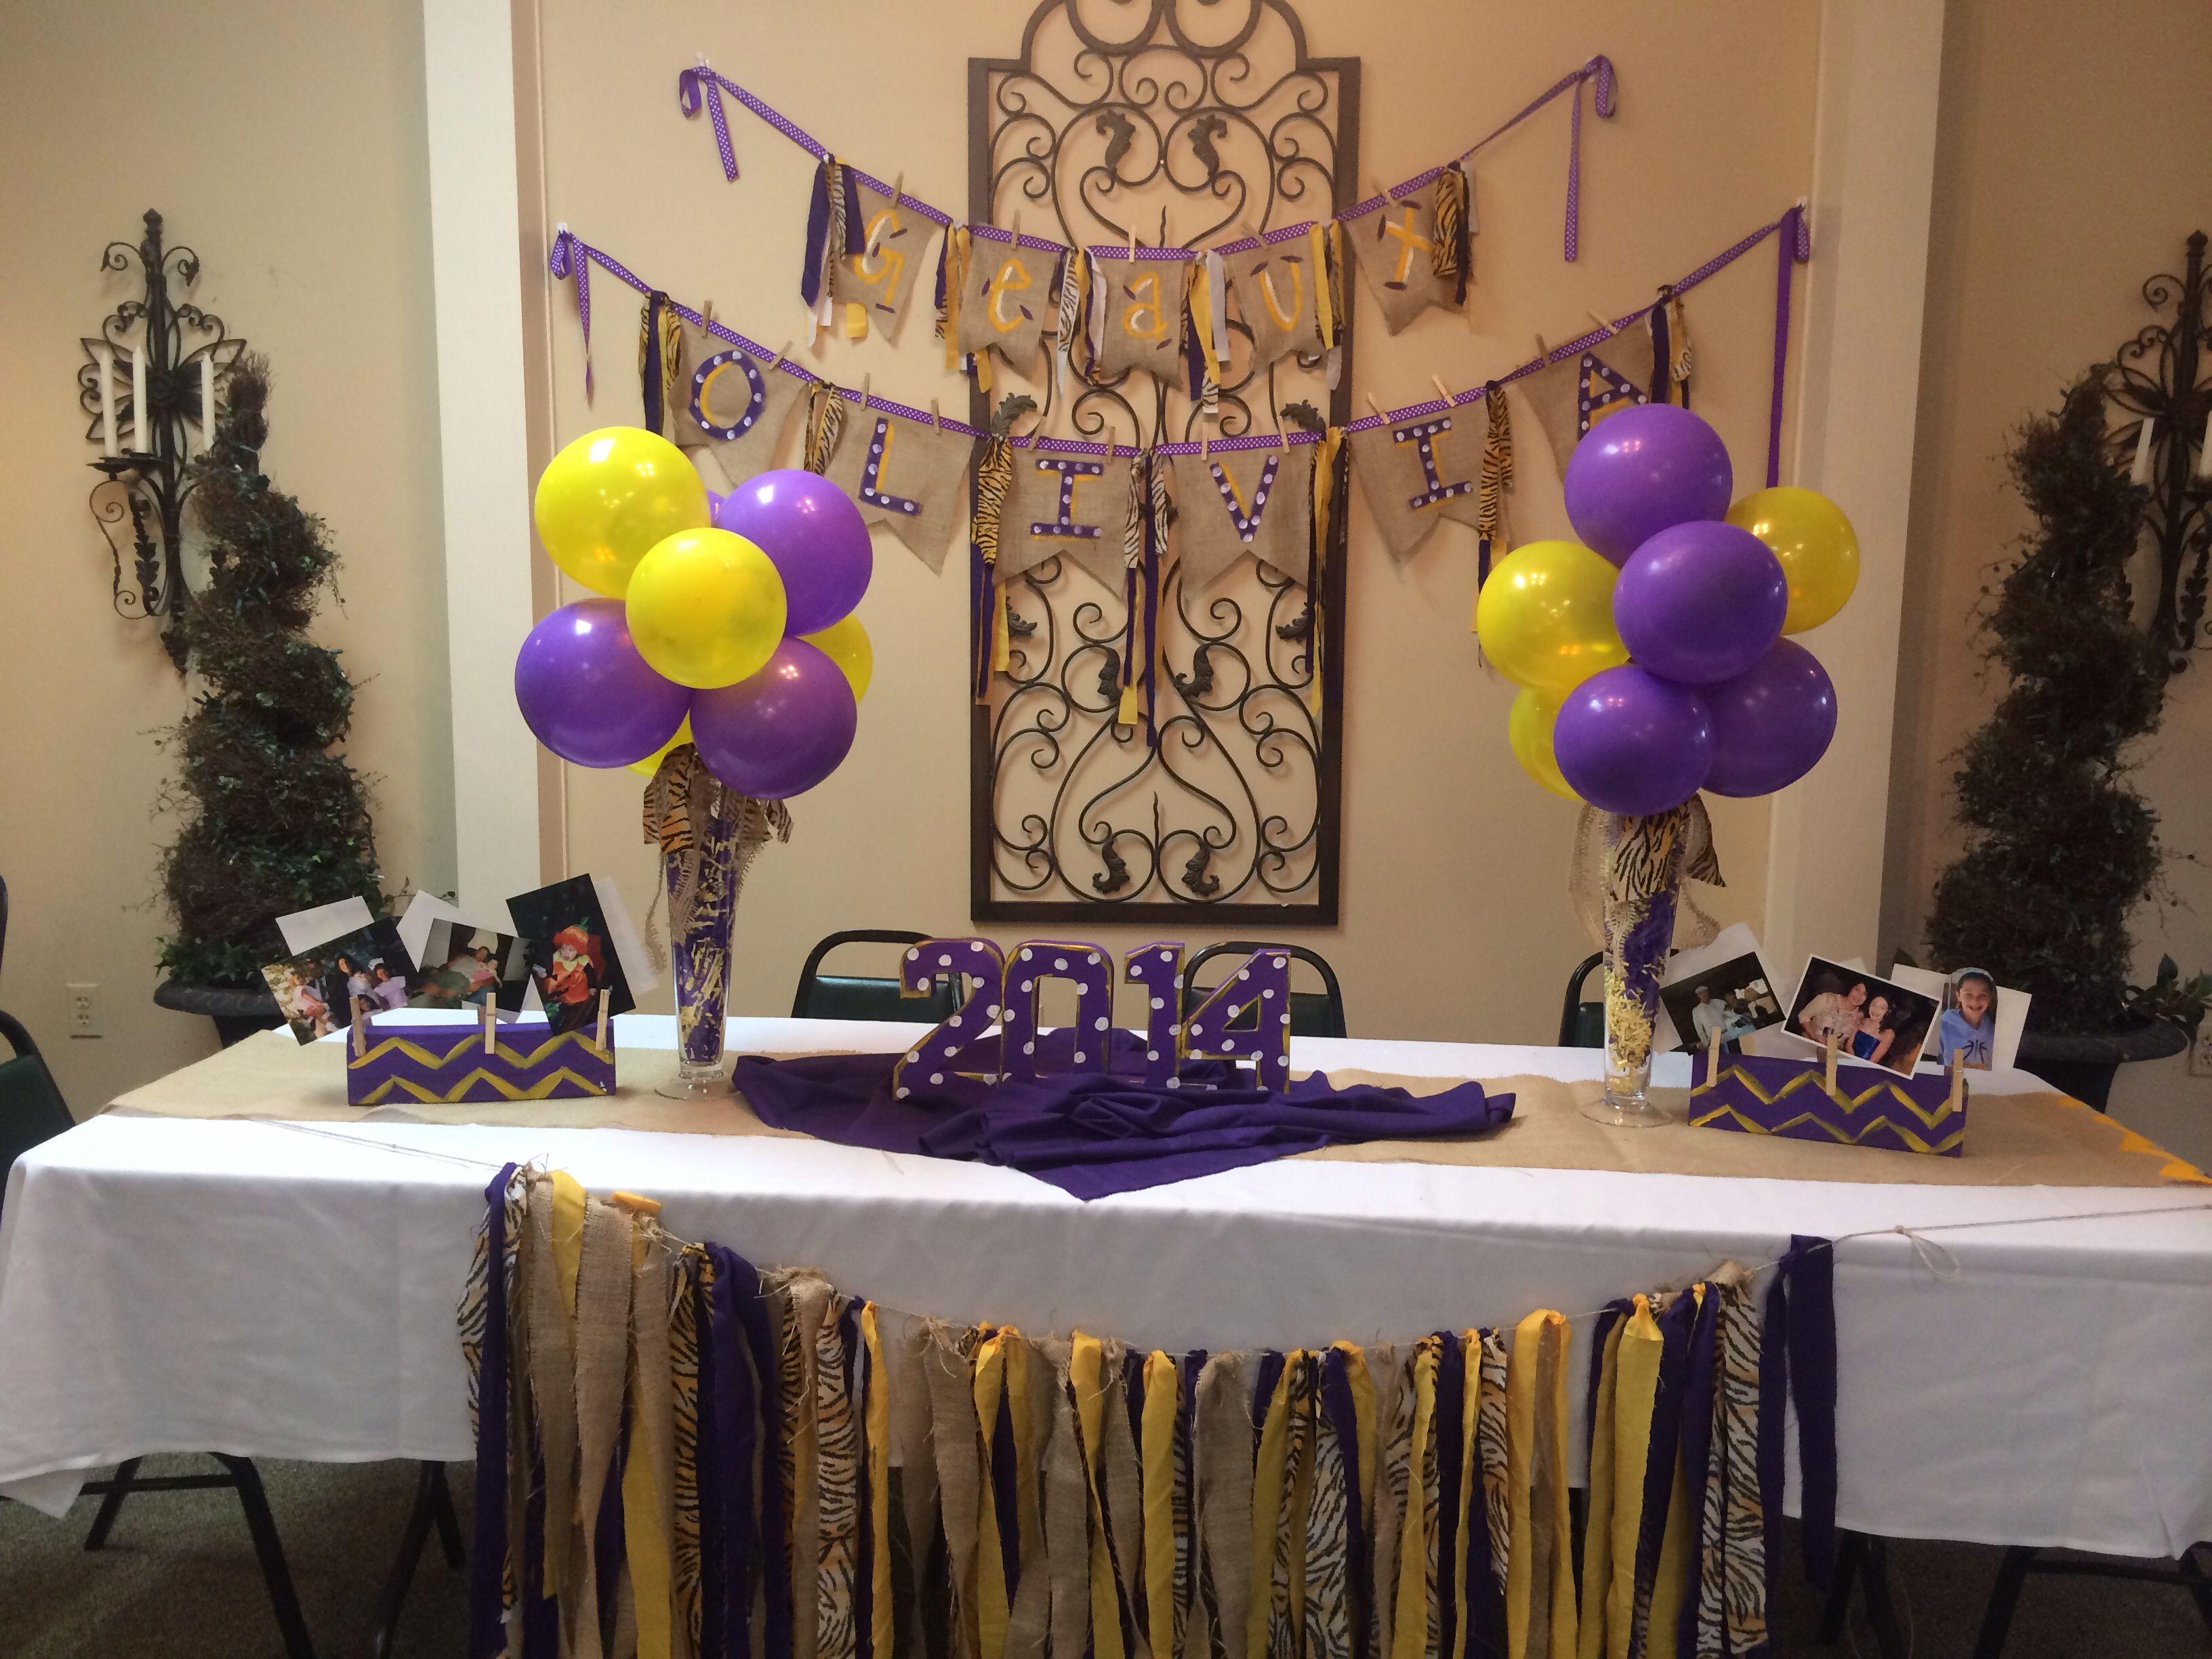 Graduation party table decoration ideas - 125 Best Akeala S Graduation Party Images On Pinterest Graduation Ideas Graduation Parties And Graduation Celebration